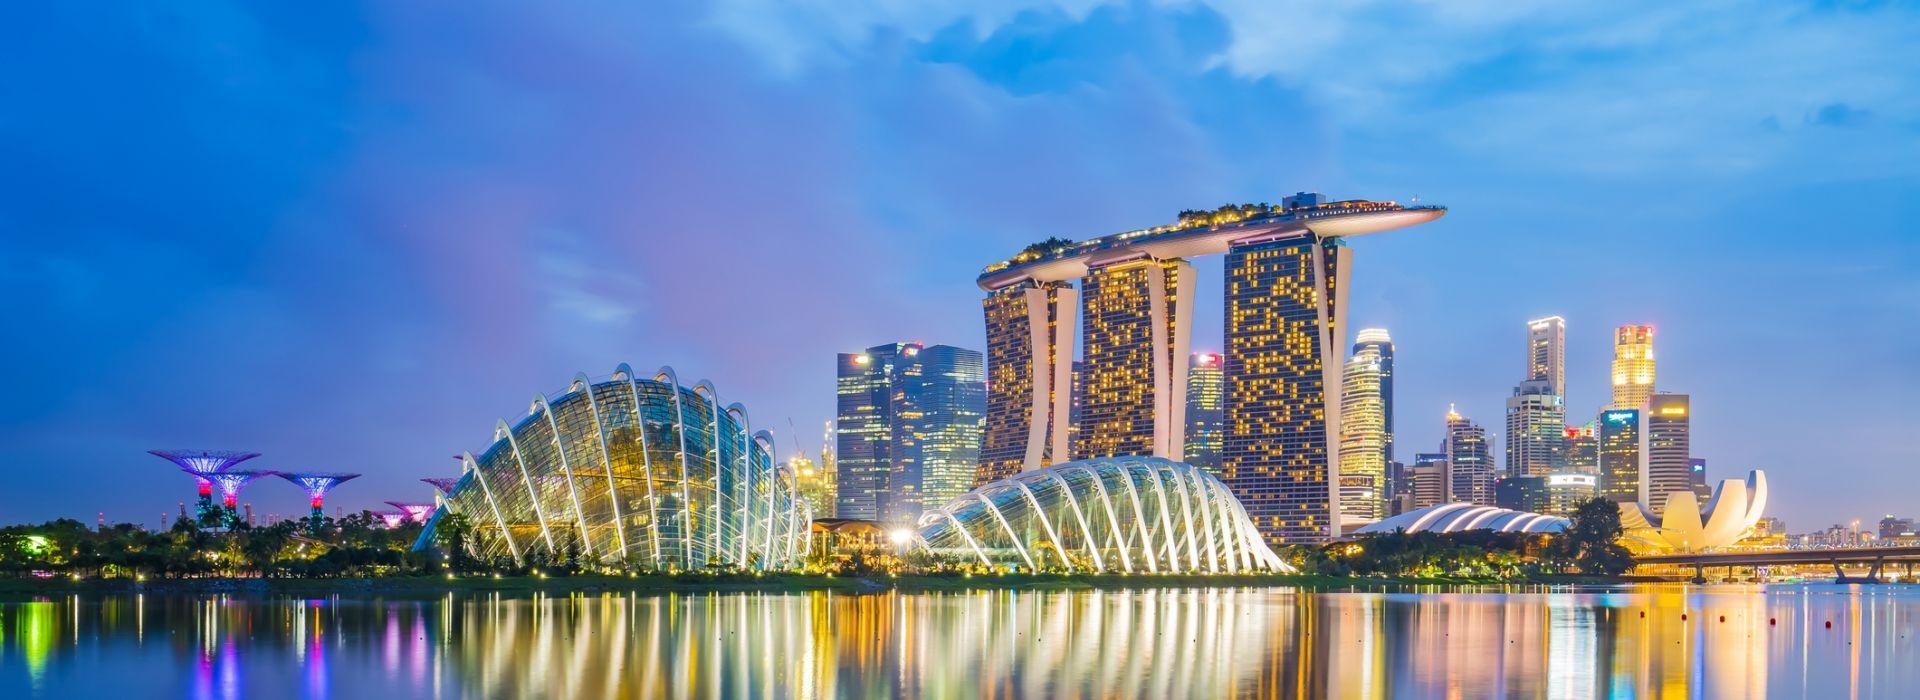 Walking tours in Singapore